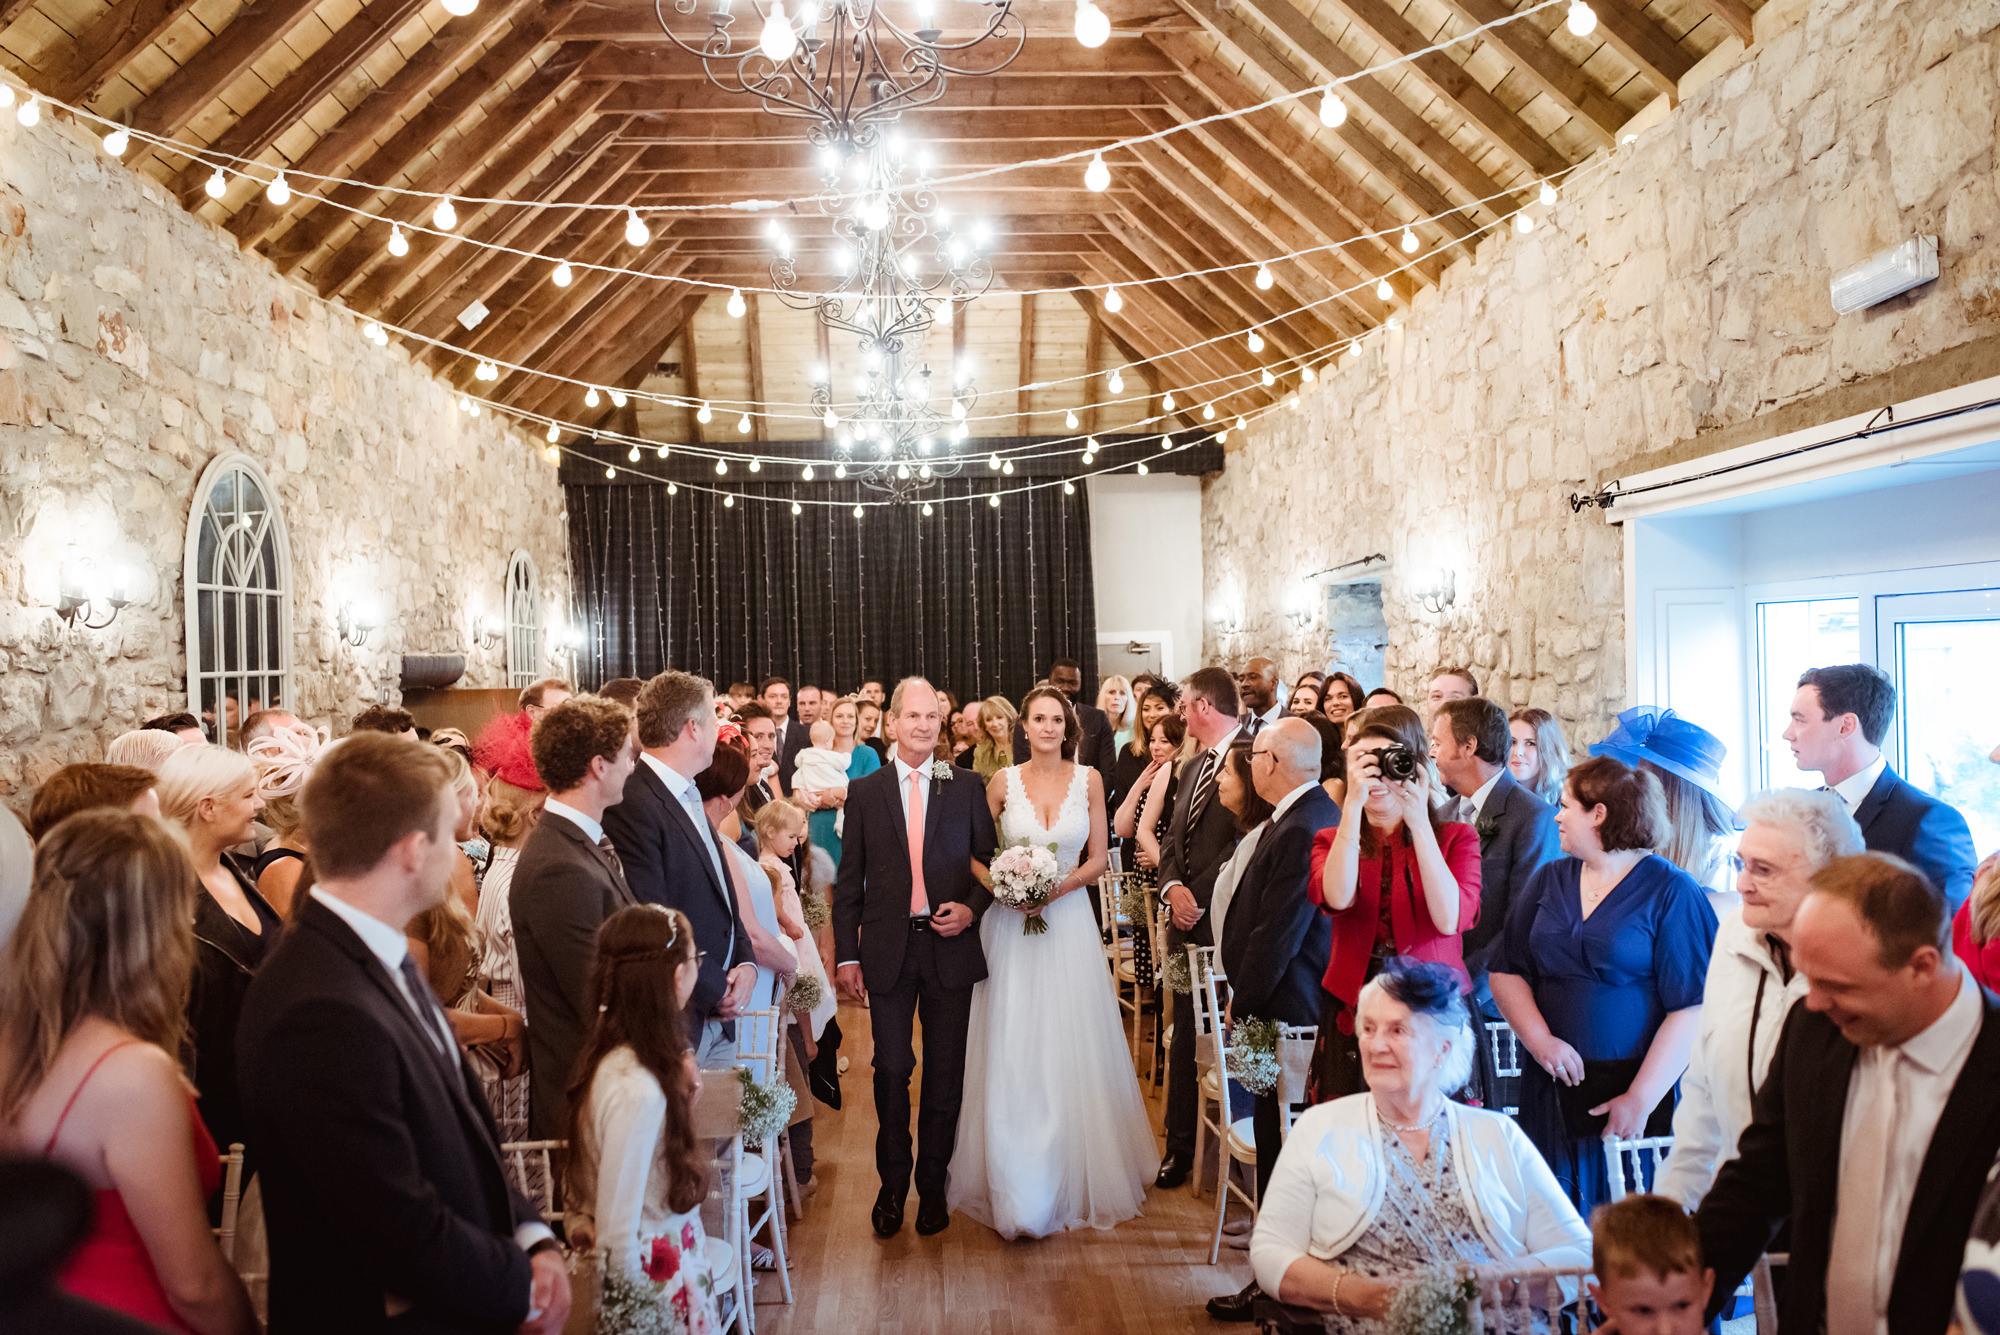 barn-wedding-venue-glasgow.jpg